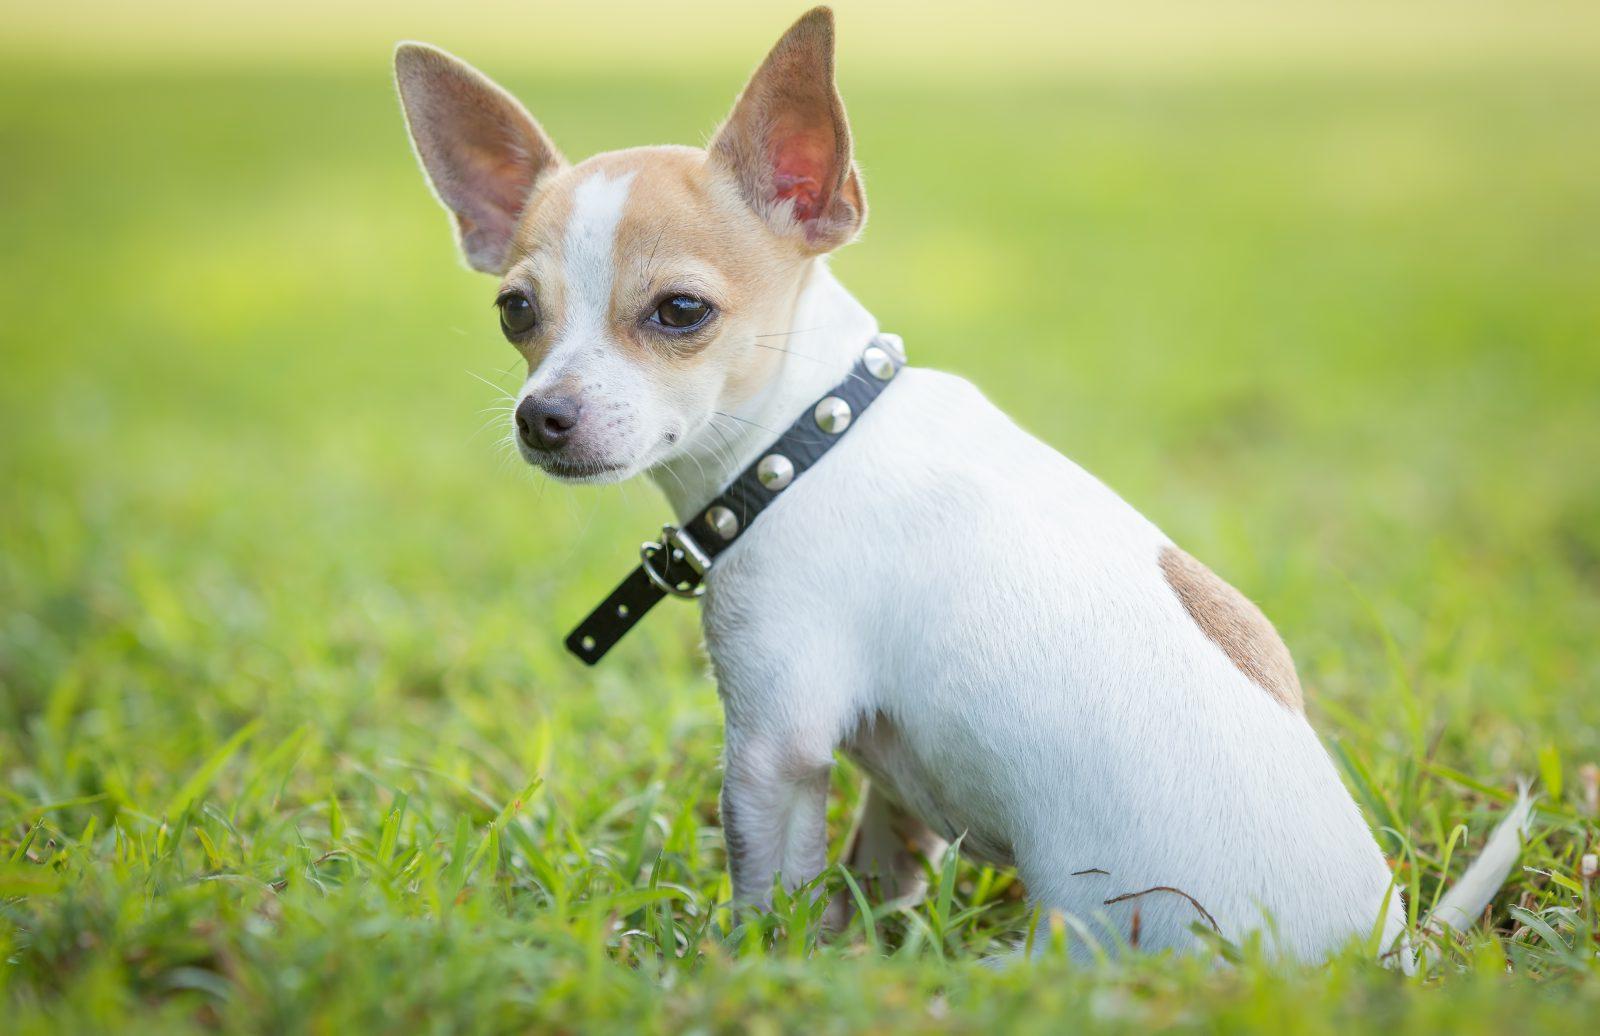 Regras para viajar com cachorro: Chihuahua de coleira